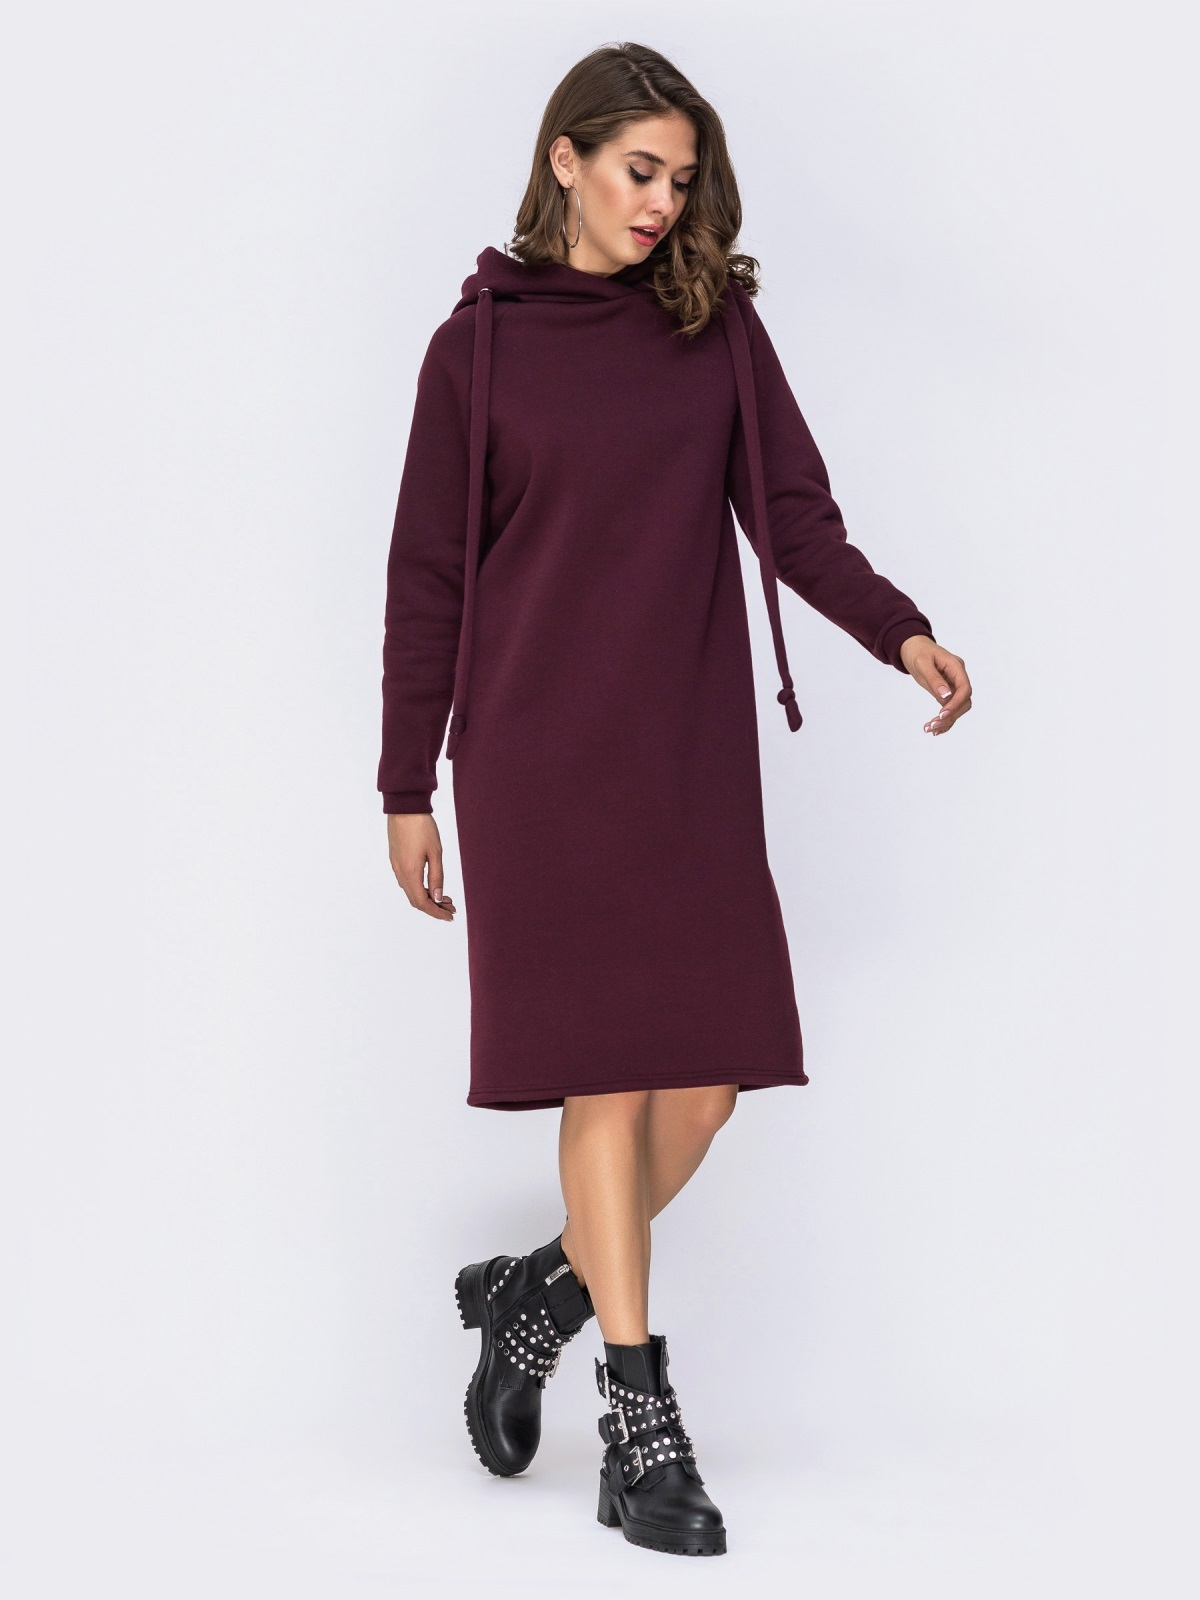 Бордовое платье на флисе в стиле oversize с капюшоном - 42533, фото 1 – интернет-магазин Dressa